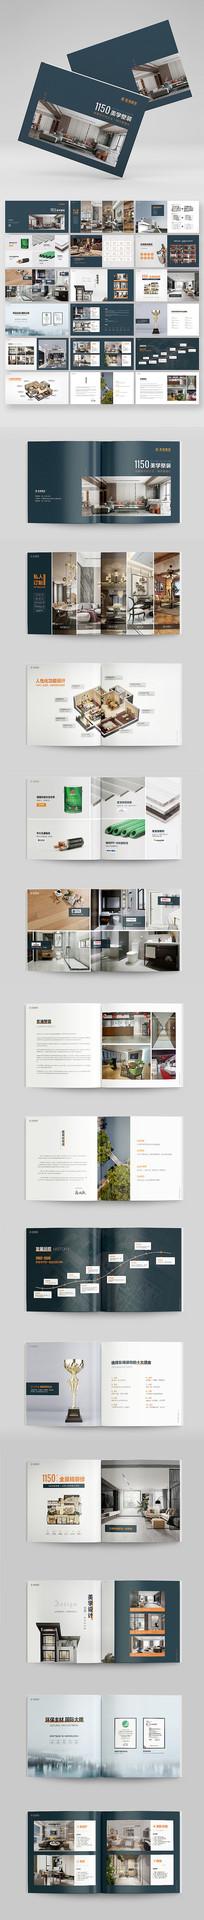 室内家居画册设计